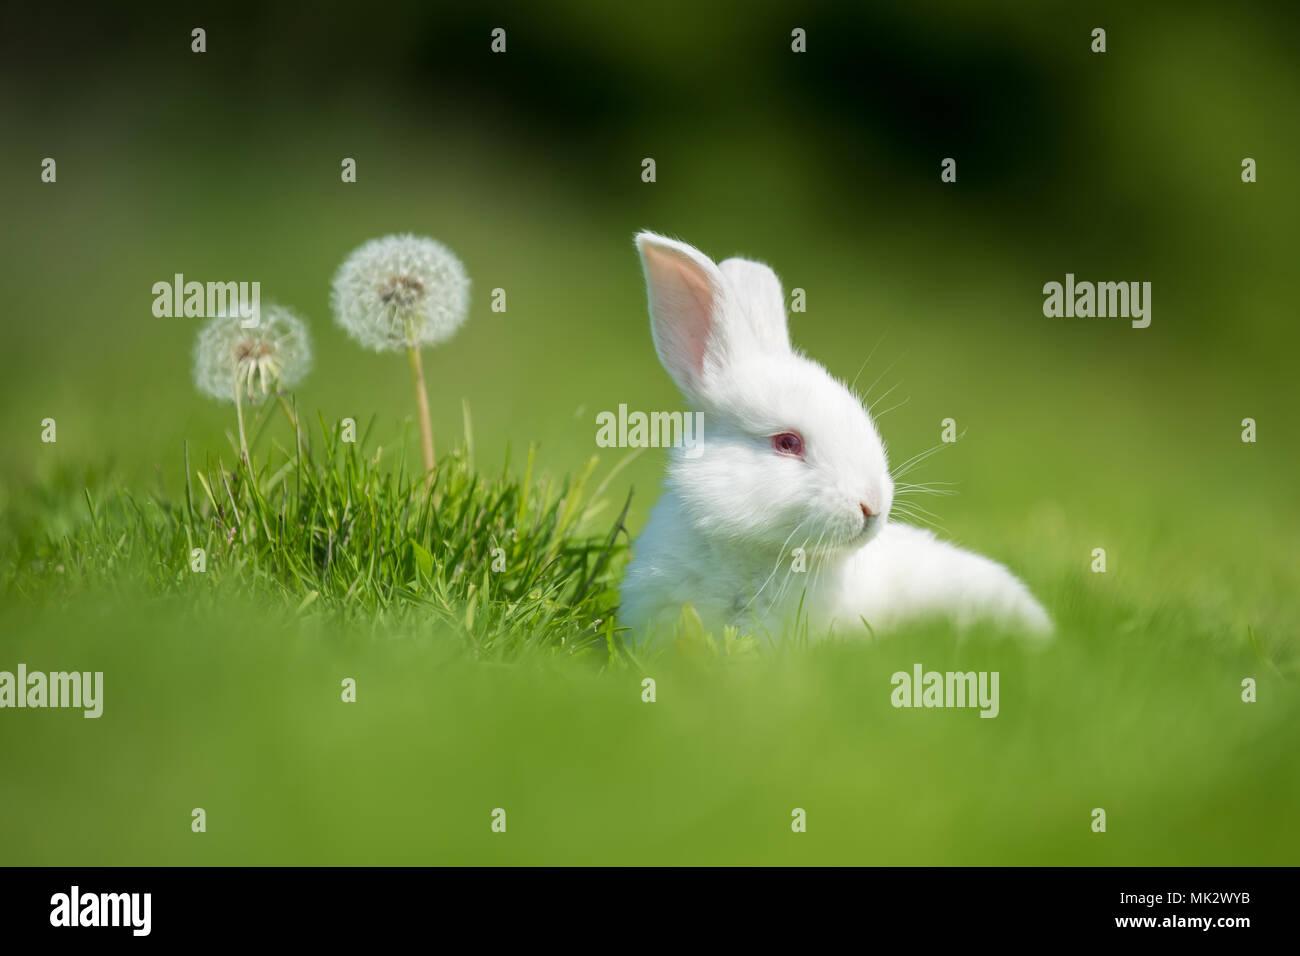 Piccolo coniglio bianco su verde erba nel giorno di estate Immagini Stock